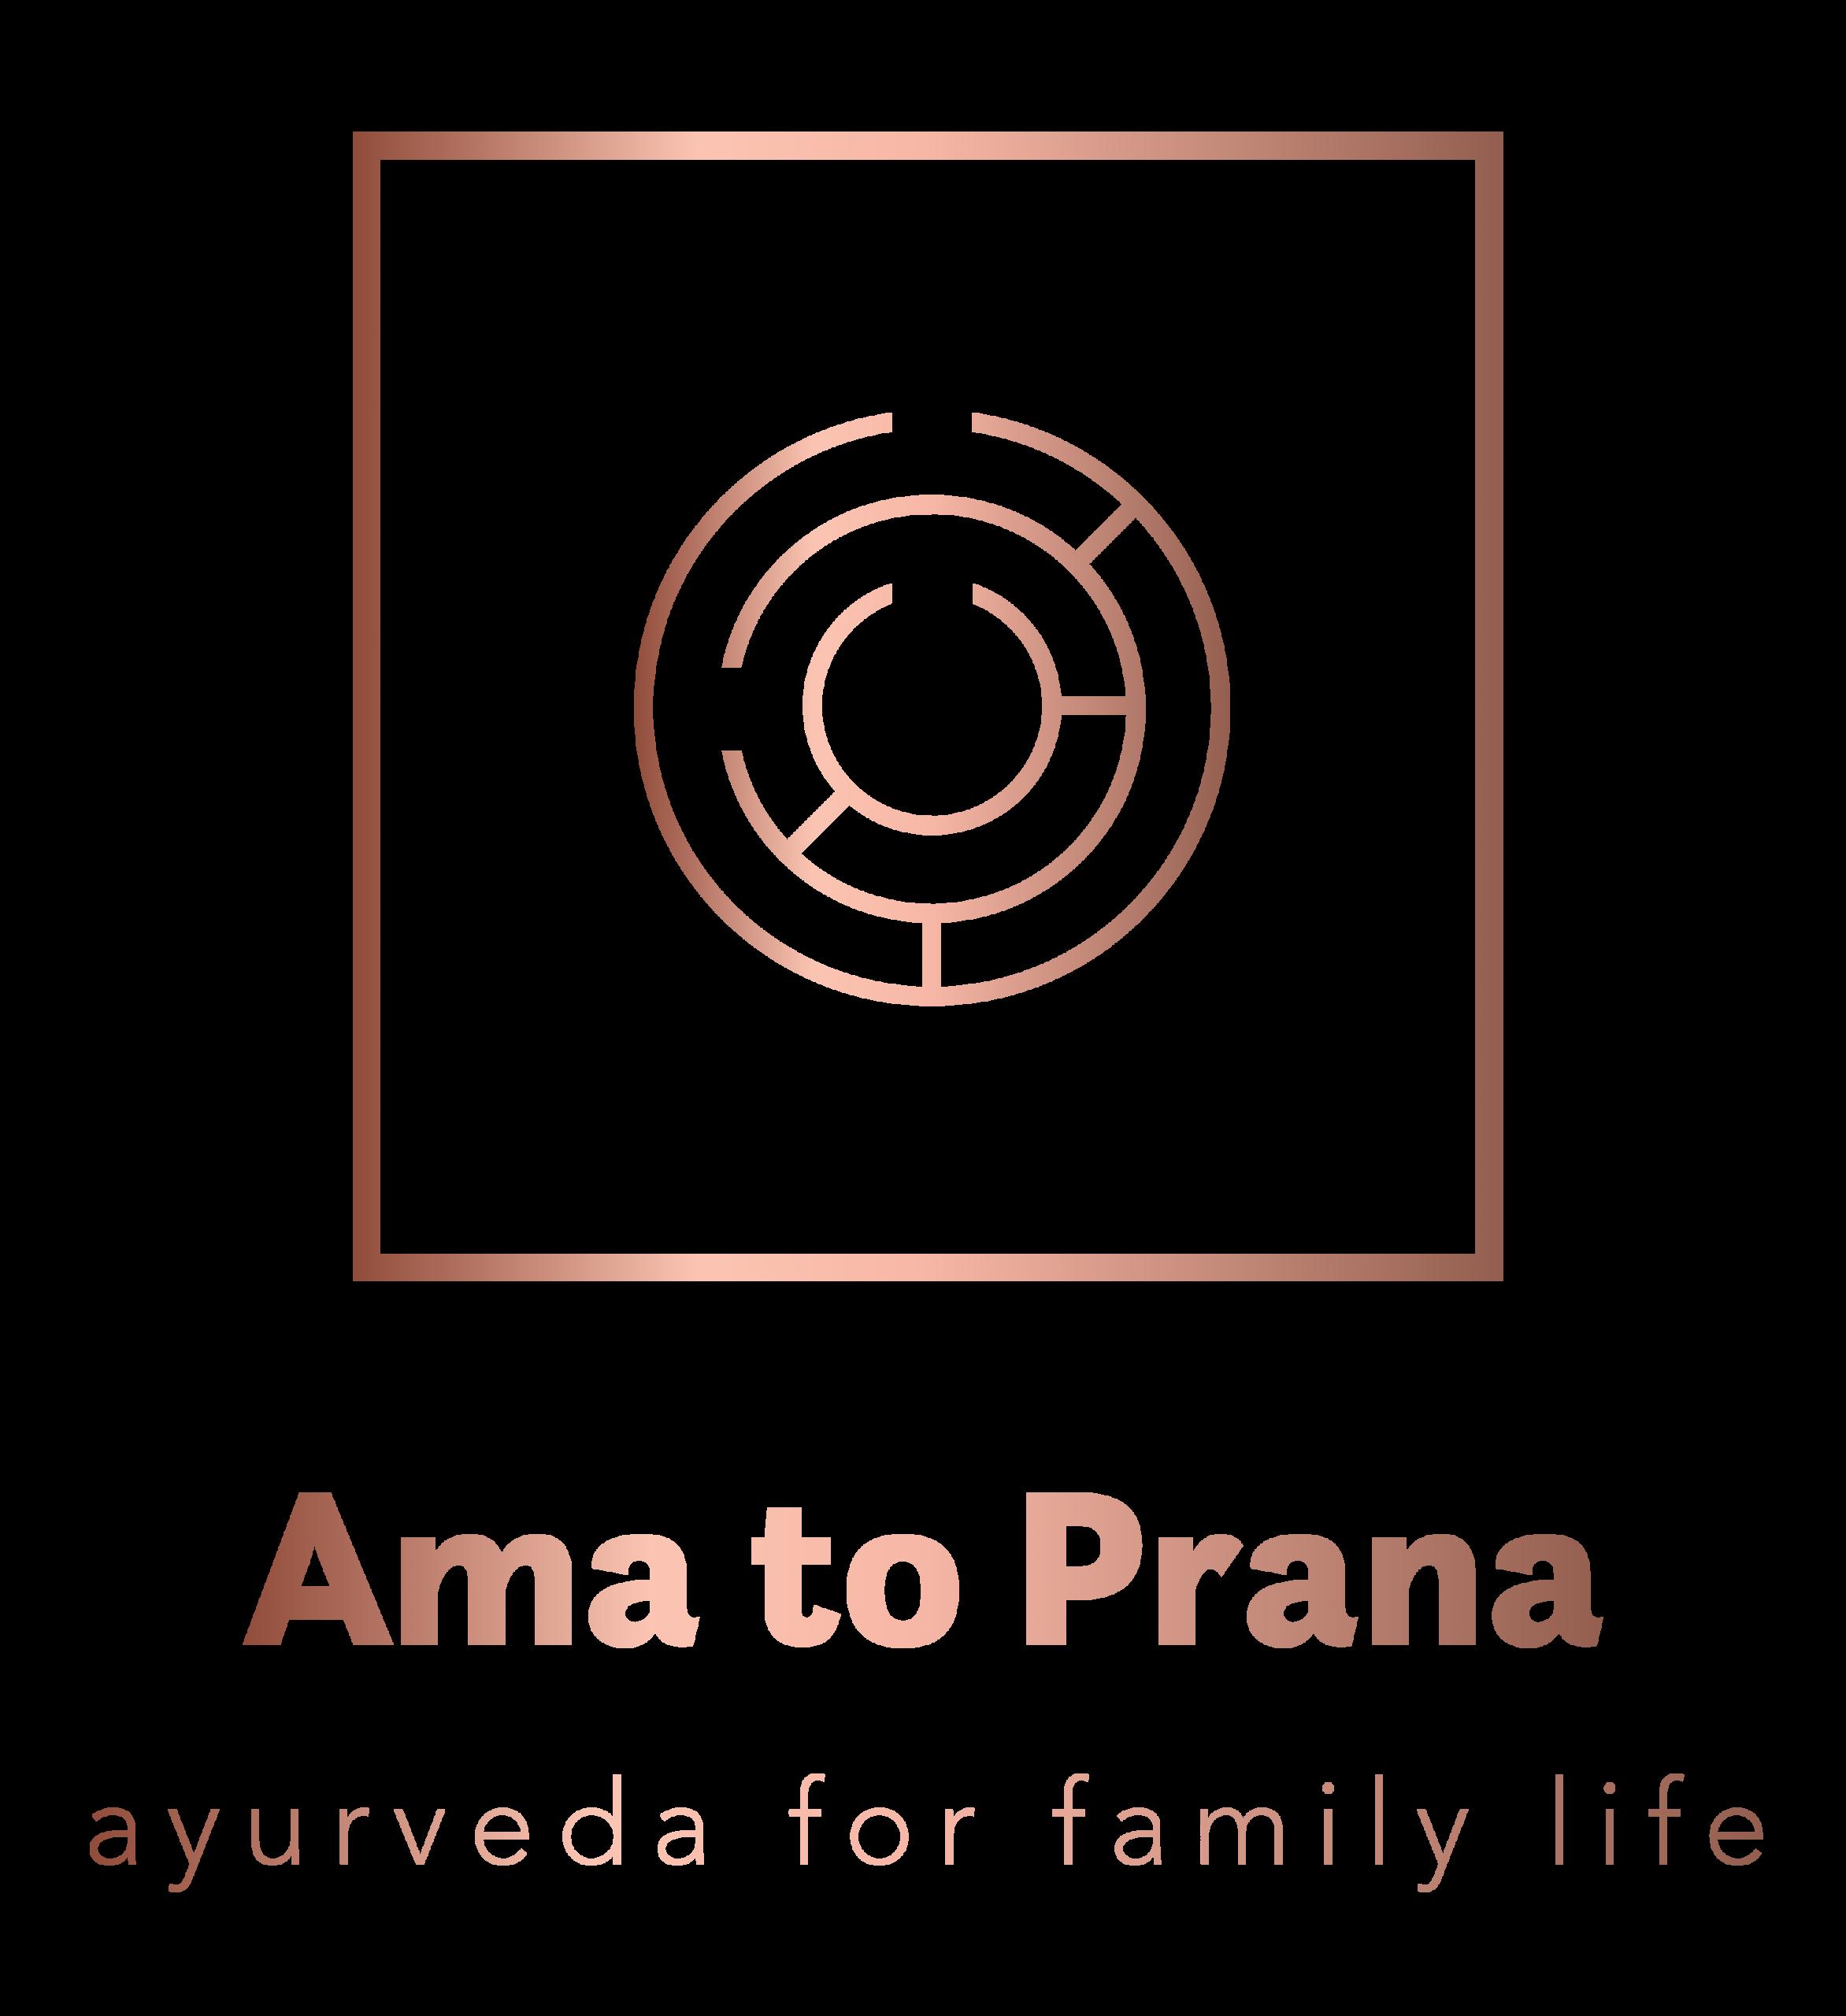 Ama to Prana